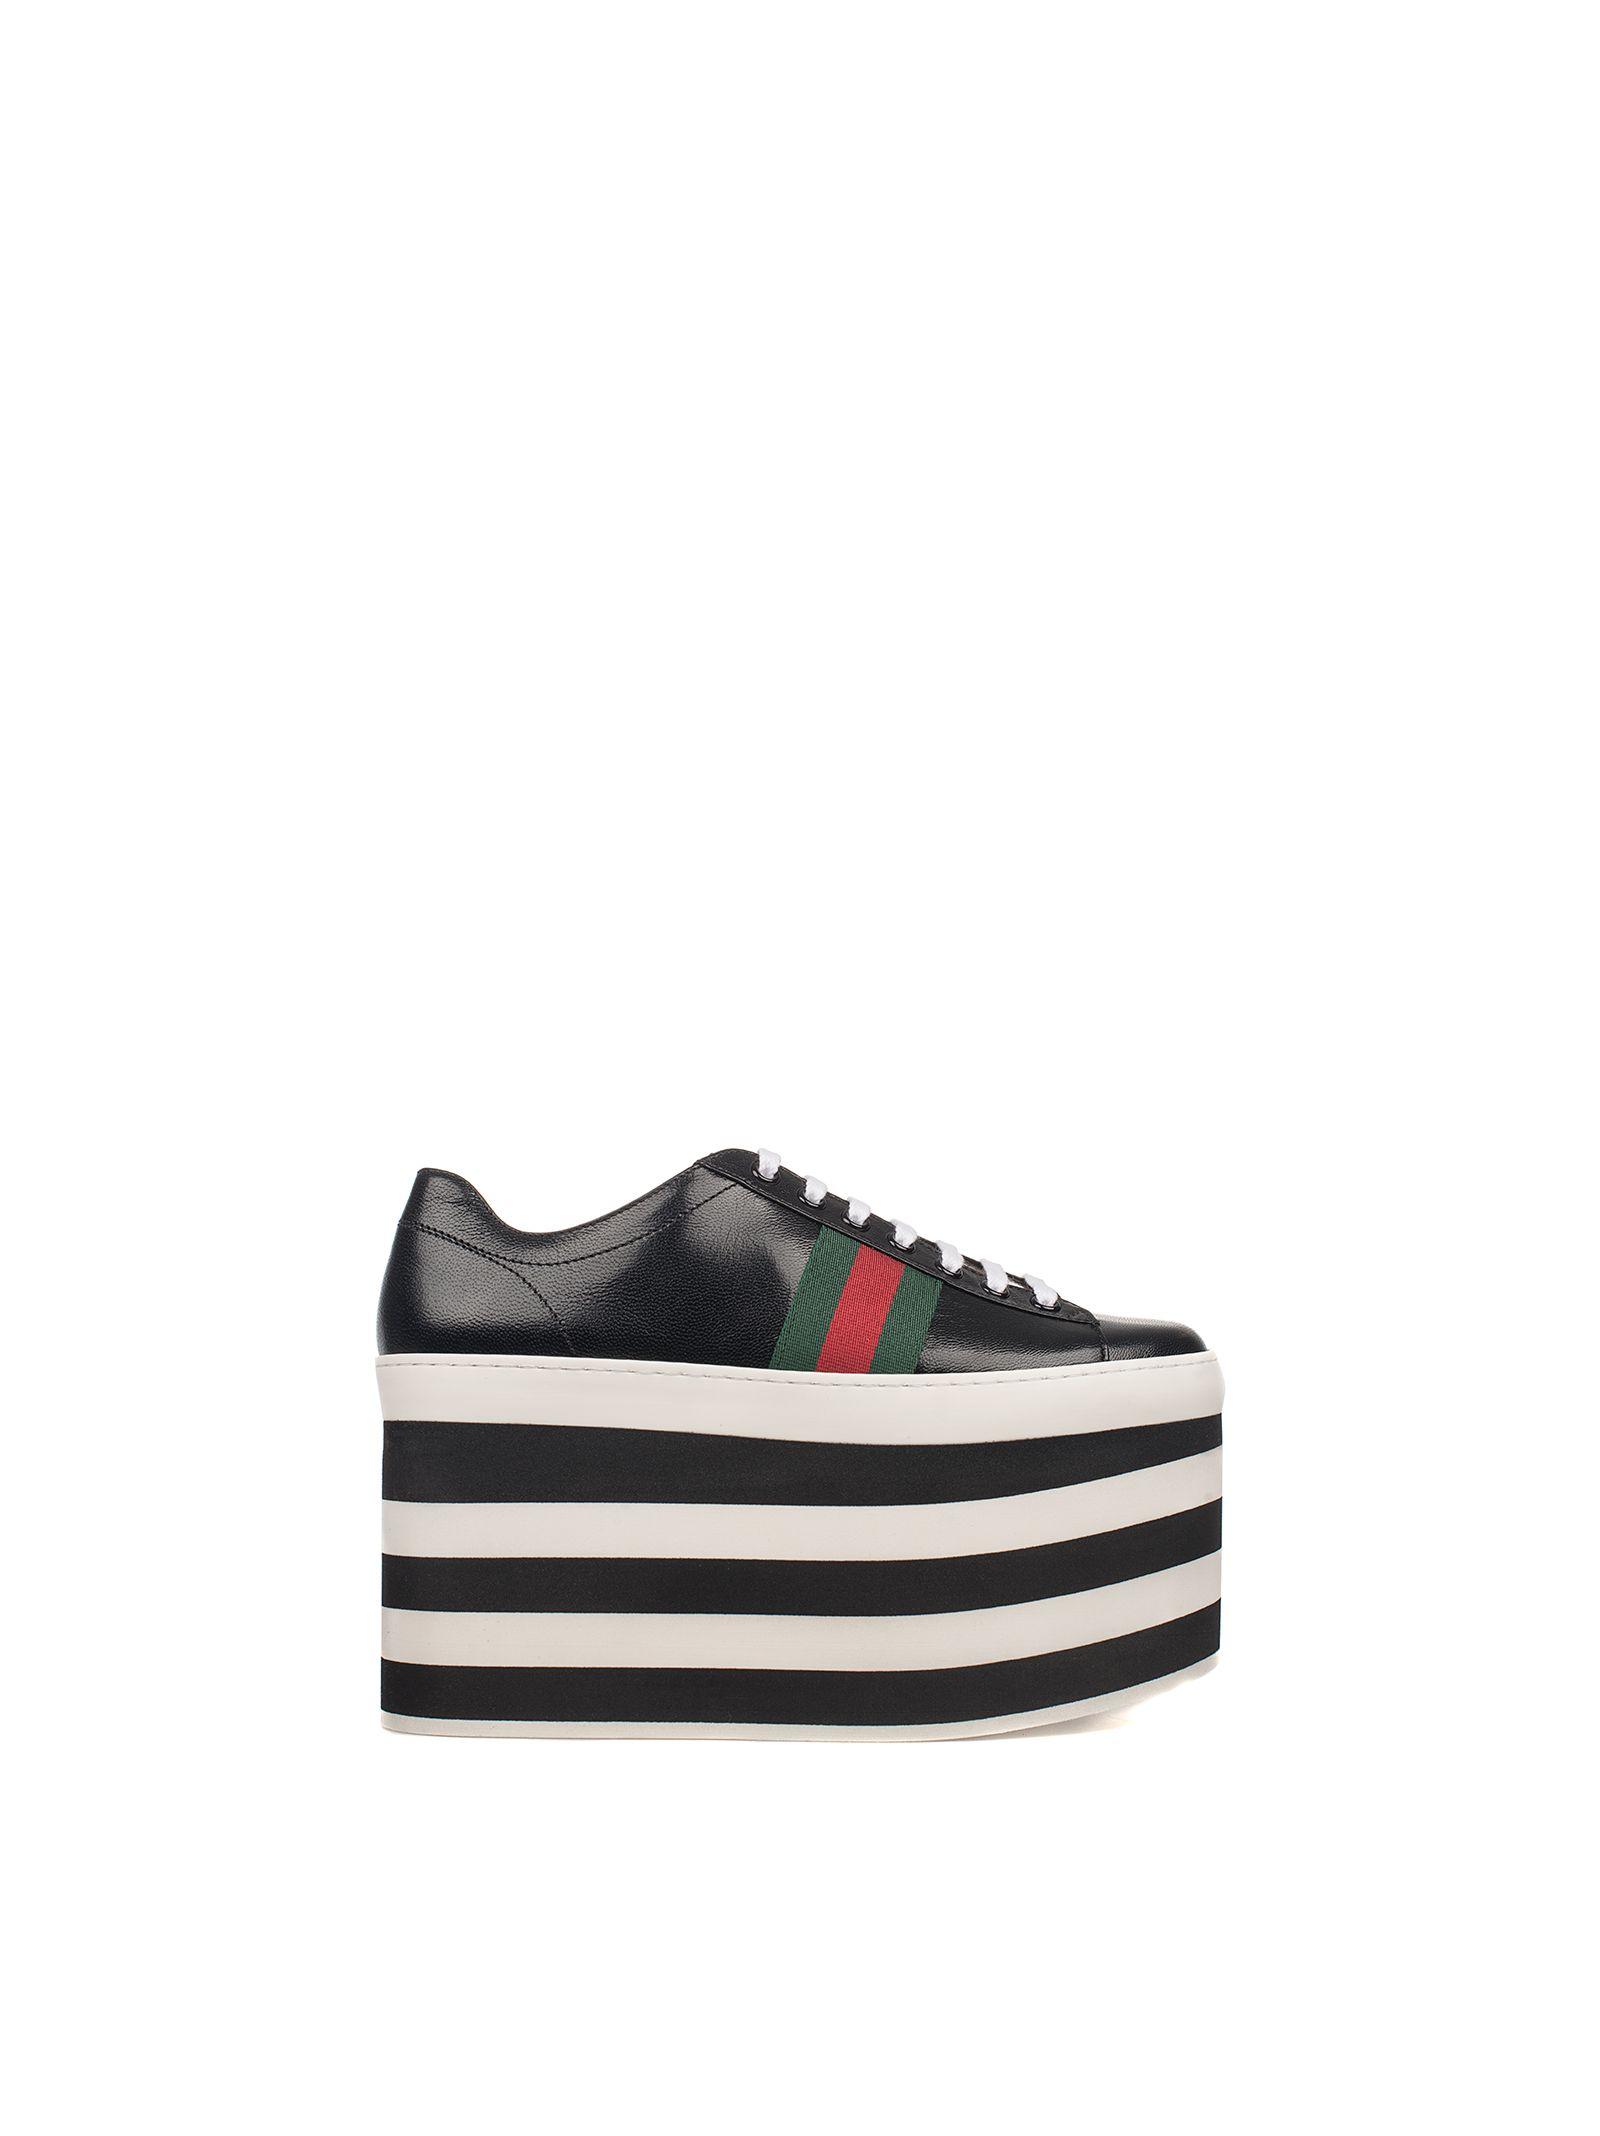 gucci female blackwhite leather wedge sneakers